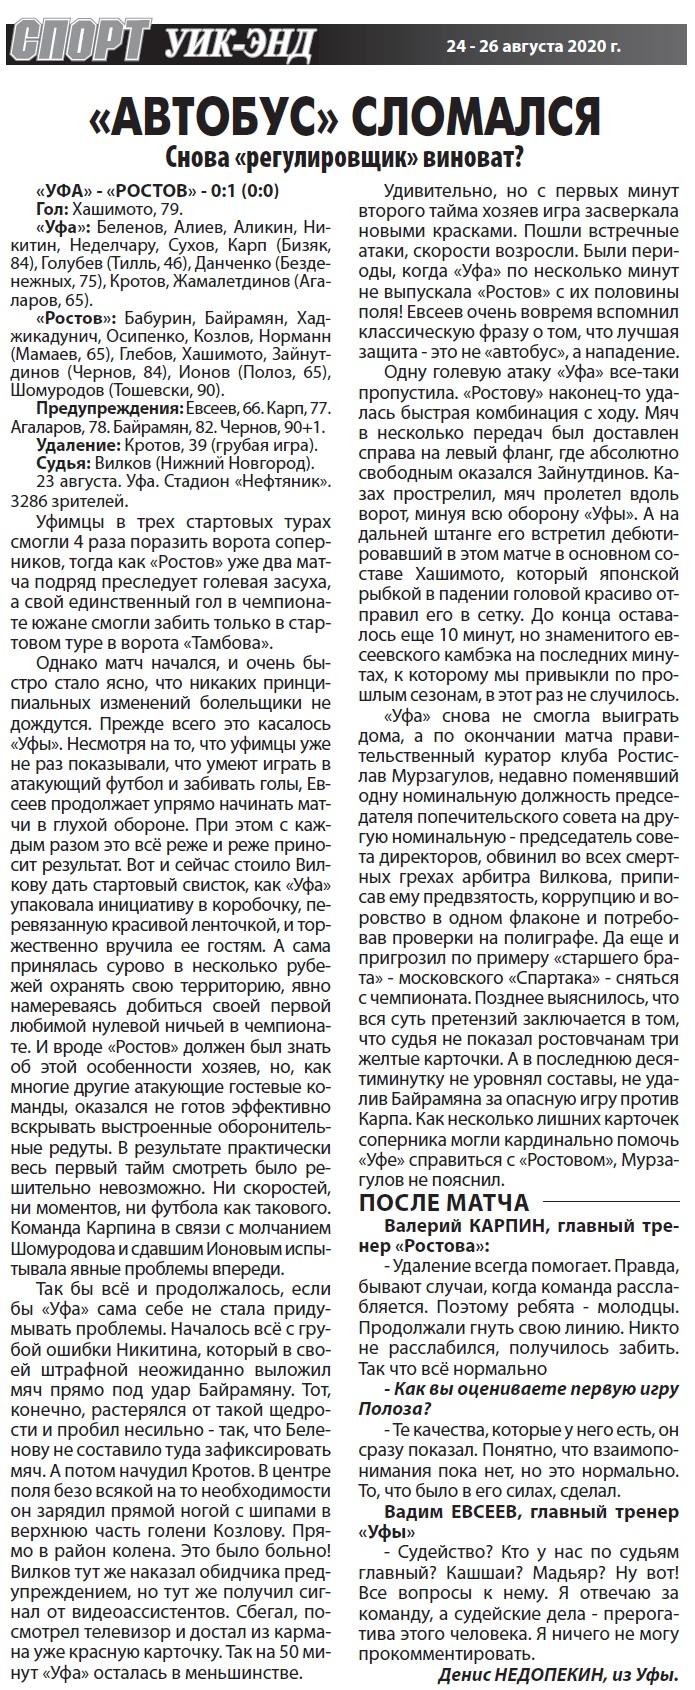 Уфа (Уфа) - Ростов (Ростов-на-Дону) 0:1